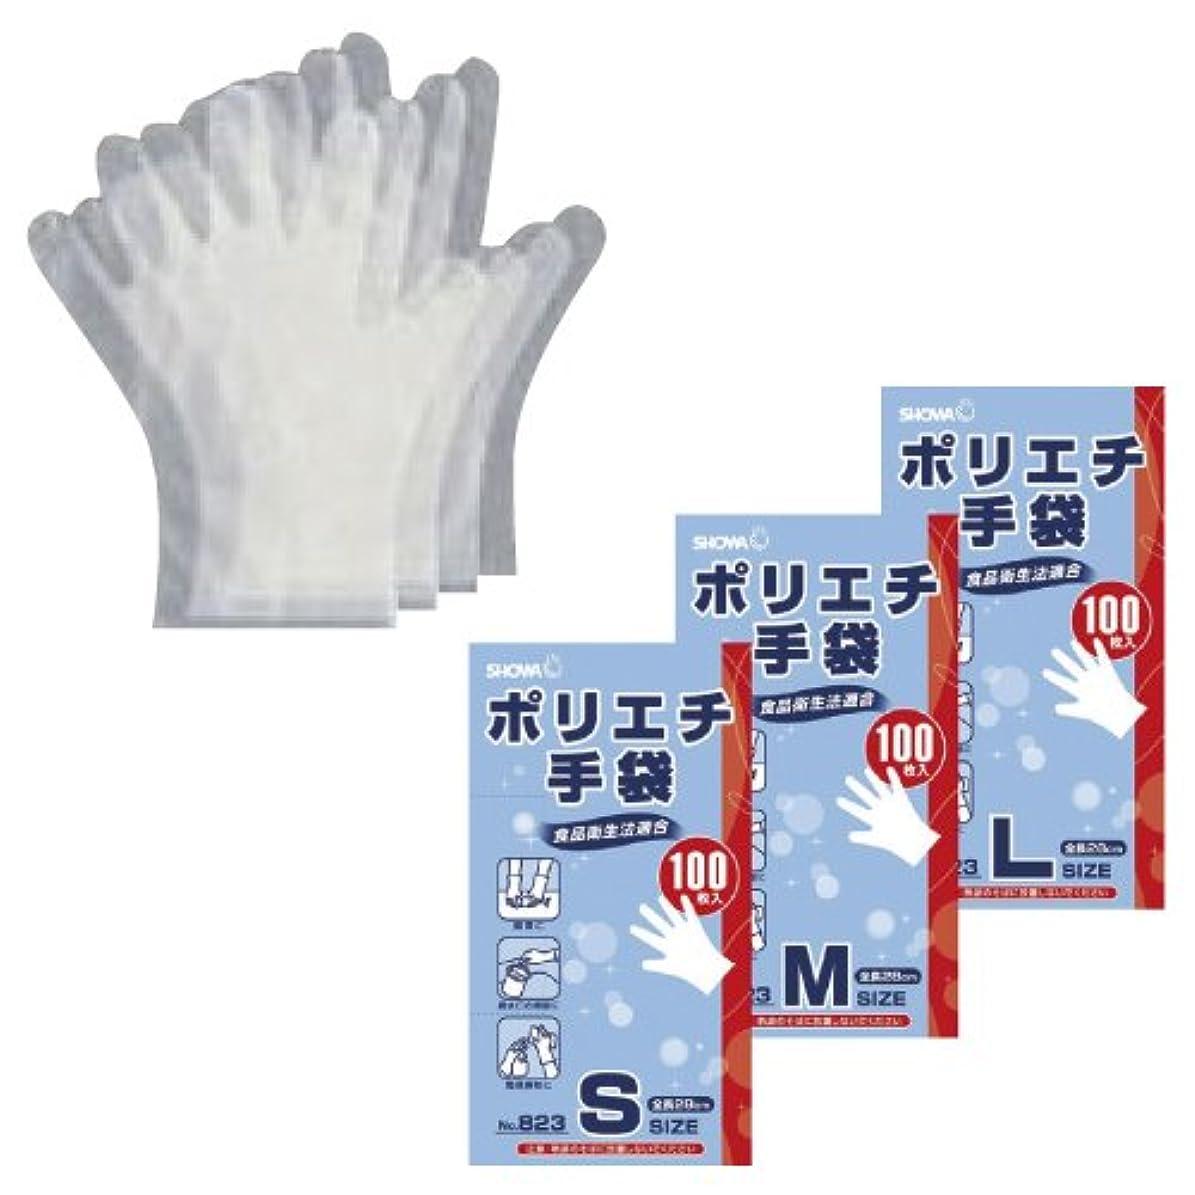 ポリエチ手袋(半透明) NO.823(L)100????????????(23-7247-02)